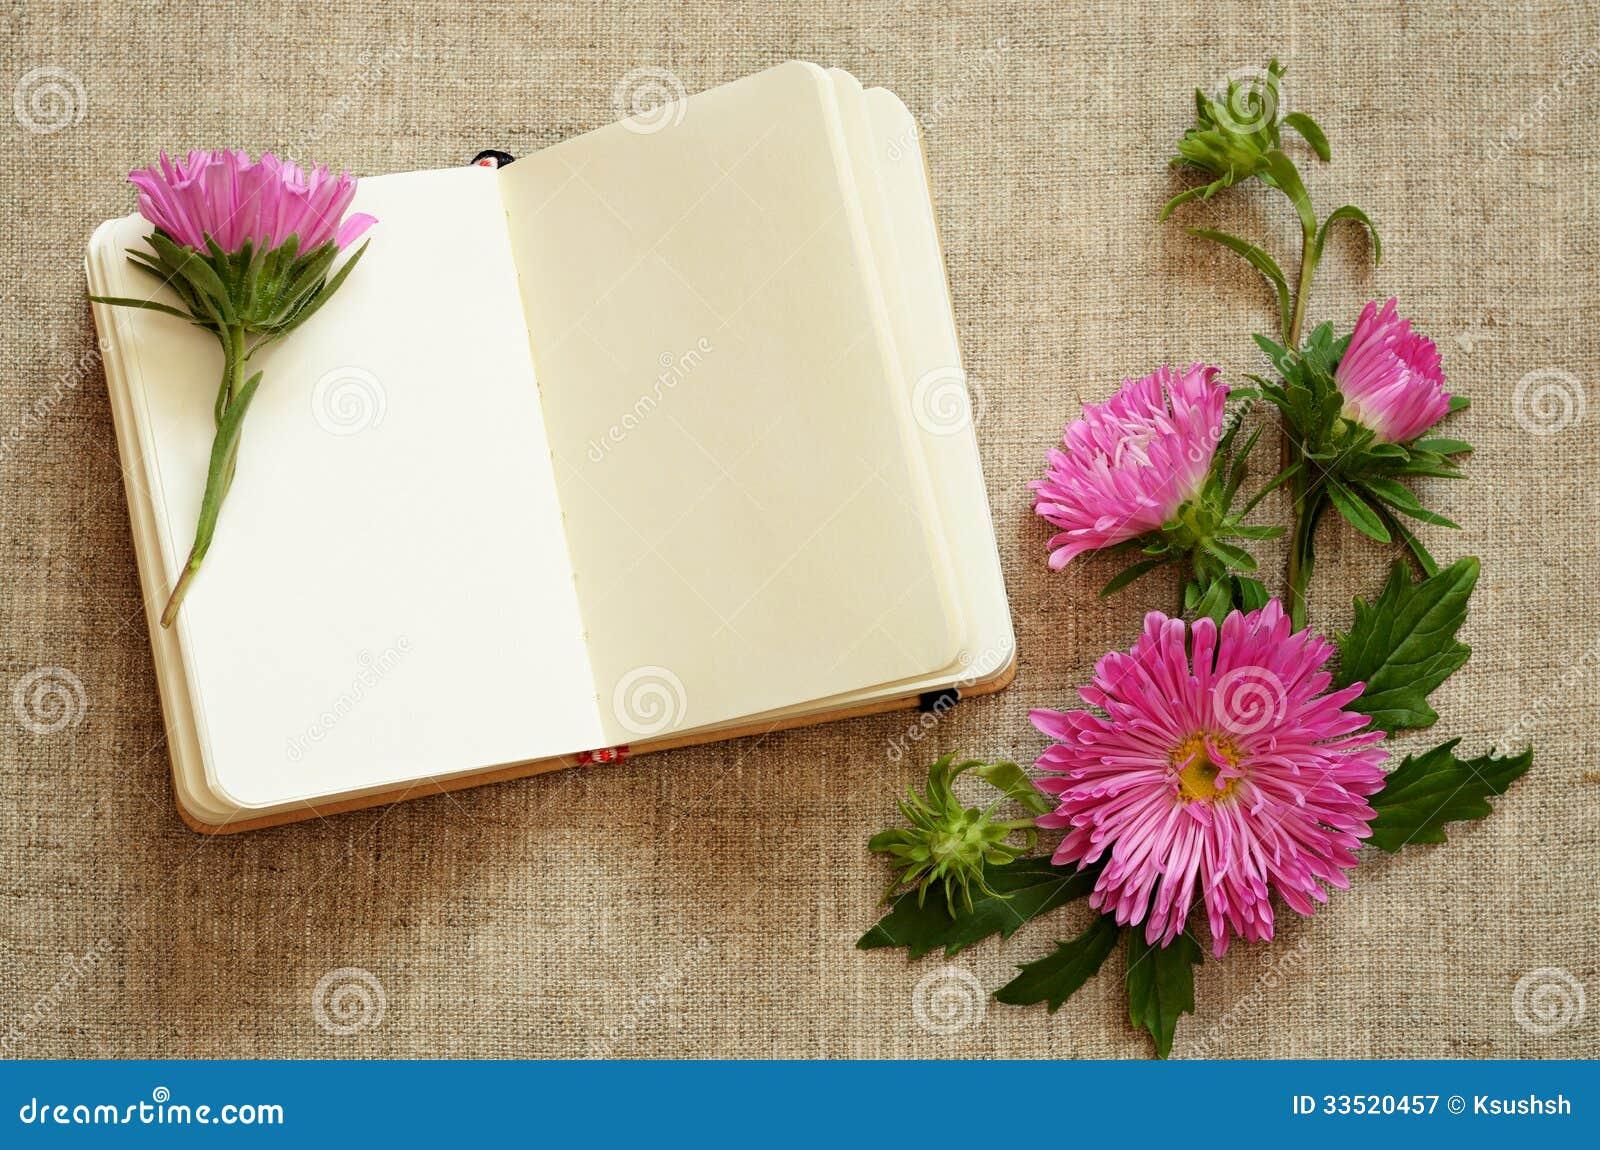 Notizbuch und Asterzusammensetzung in einer Ecke